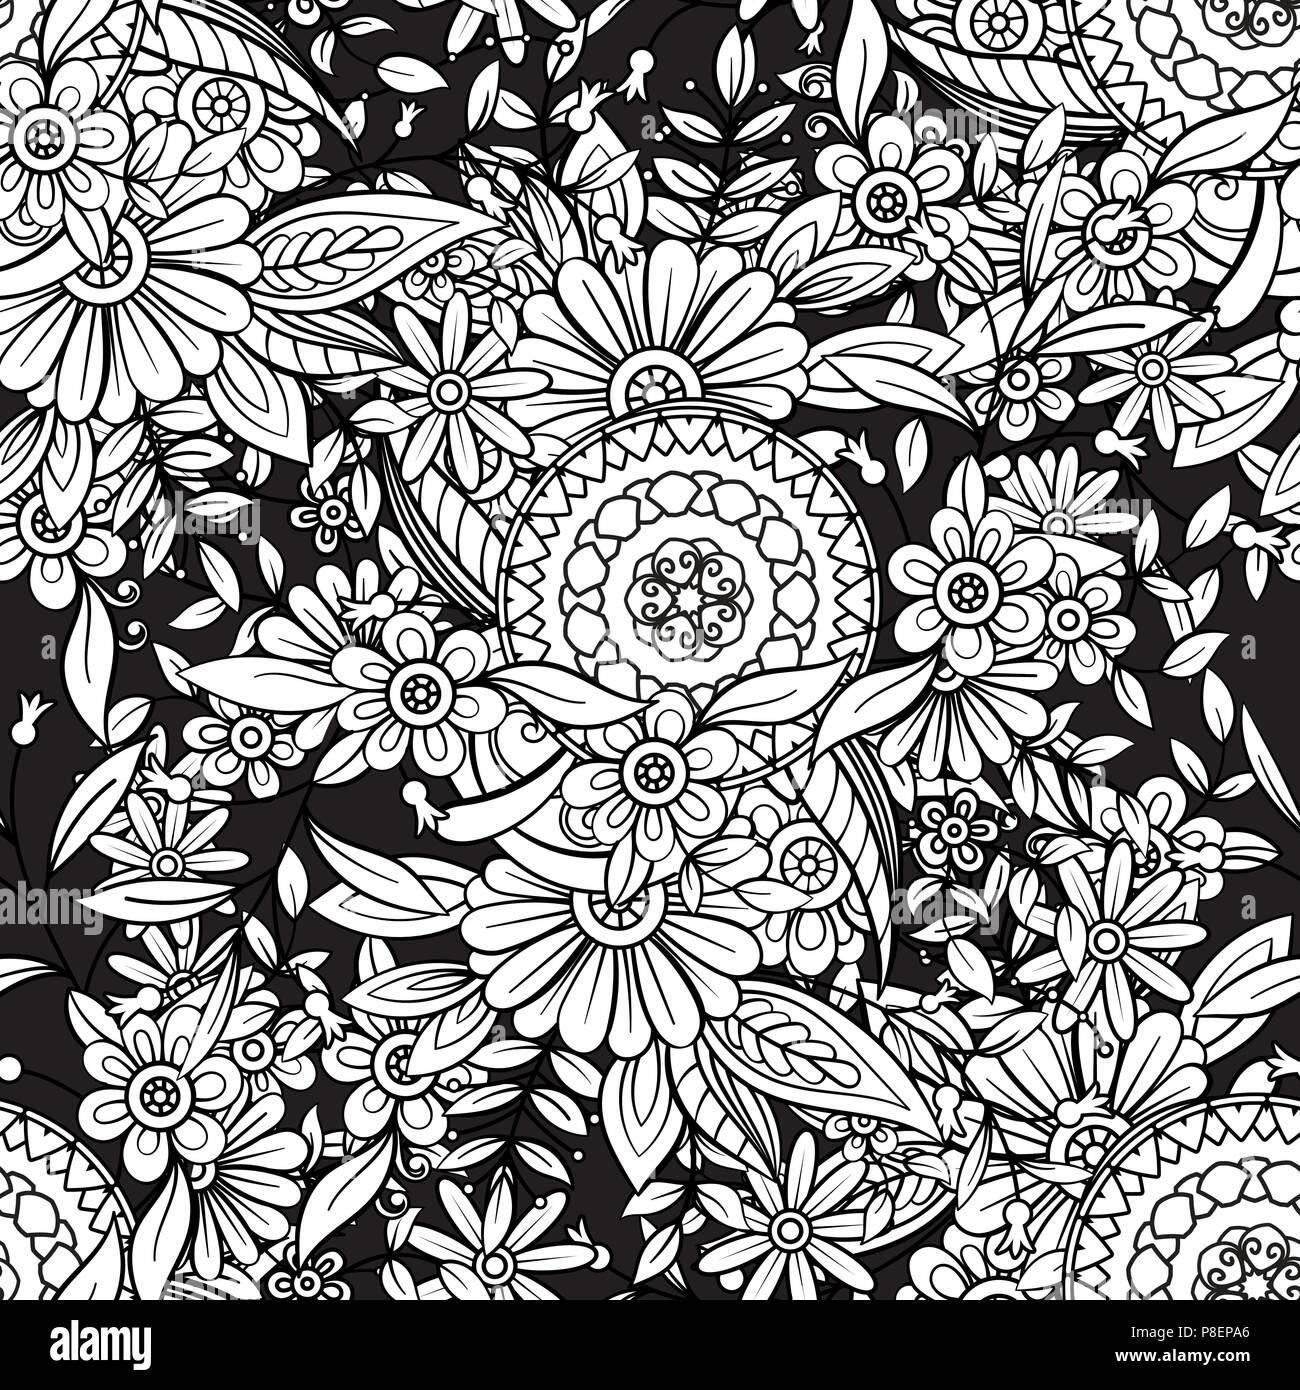 Florale nahtlose Muster in Schwarz und Weiß. Nach Malbuch Seite mit Blumen und Mandalas. Hand Vektor-illustration schwarzen Hintergrund gezeichnet Stockbild